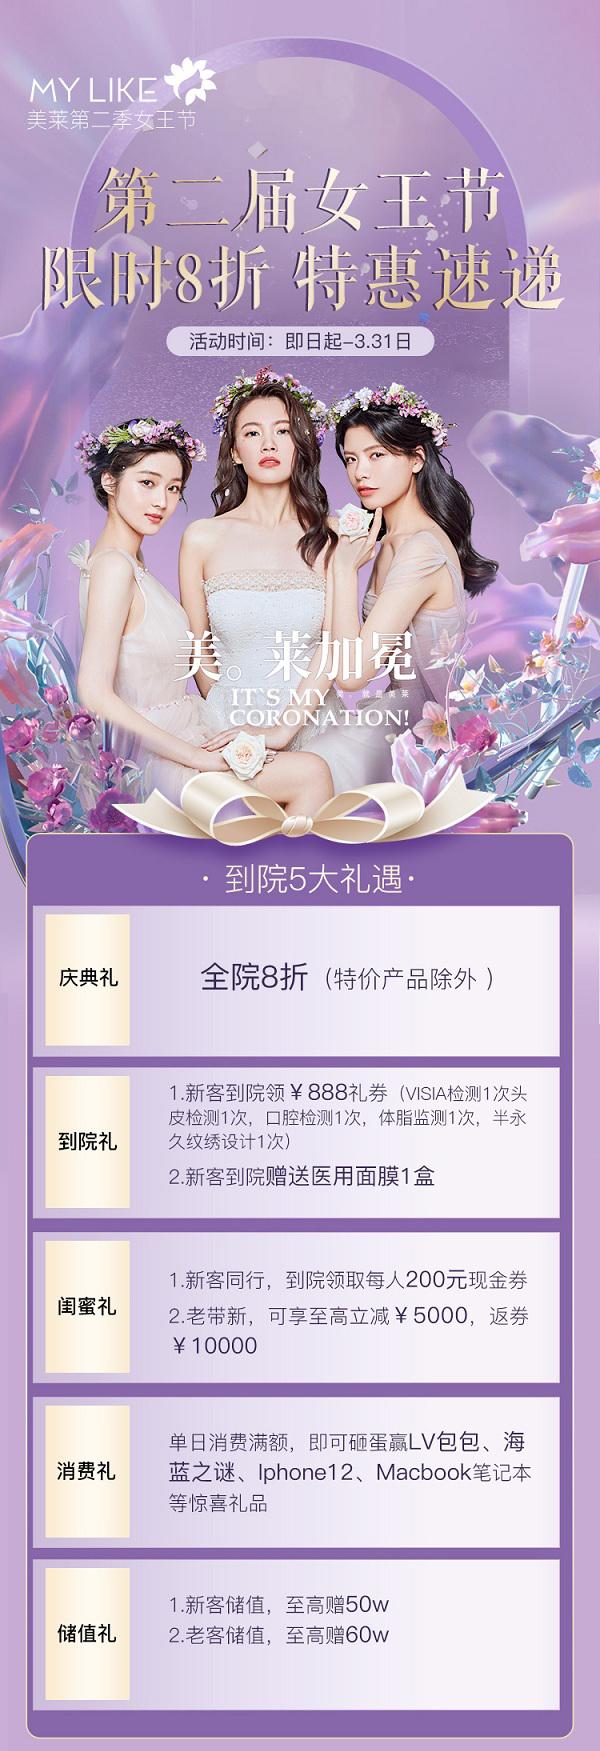 上海美莱2021年3月优惠活动第二季女王节限时8折